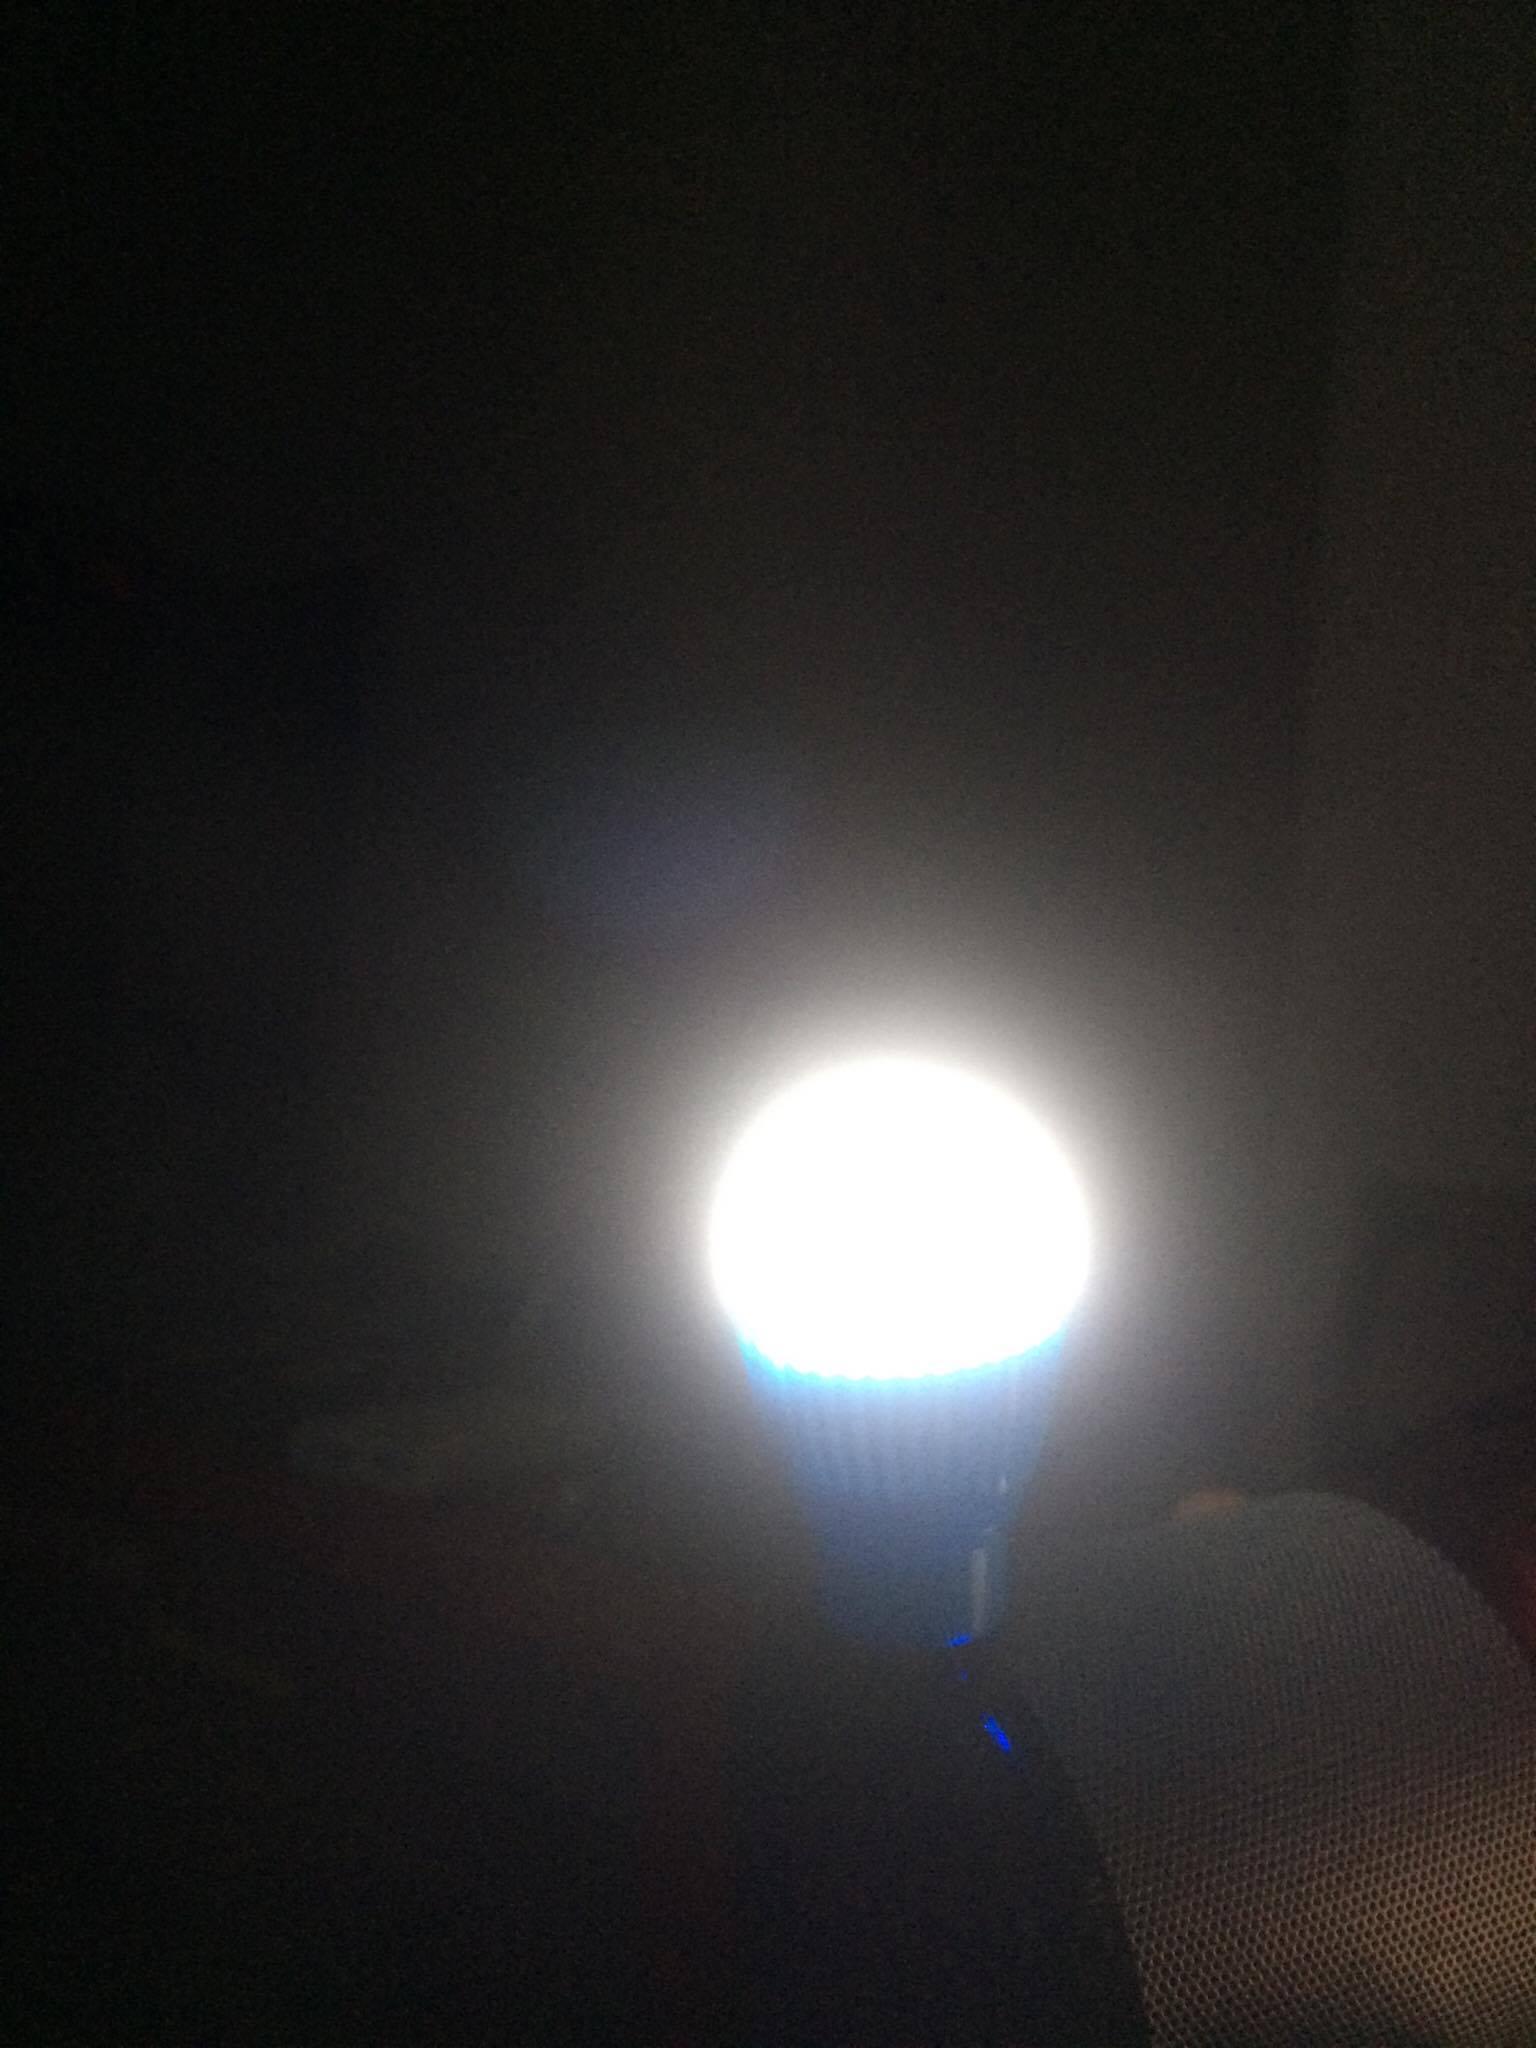 Kamp İçin usb den power bank ile çalışan lamba incelemesi